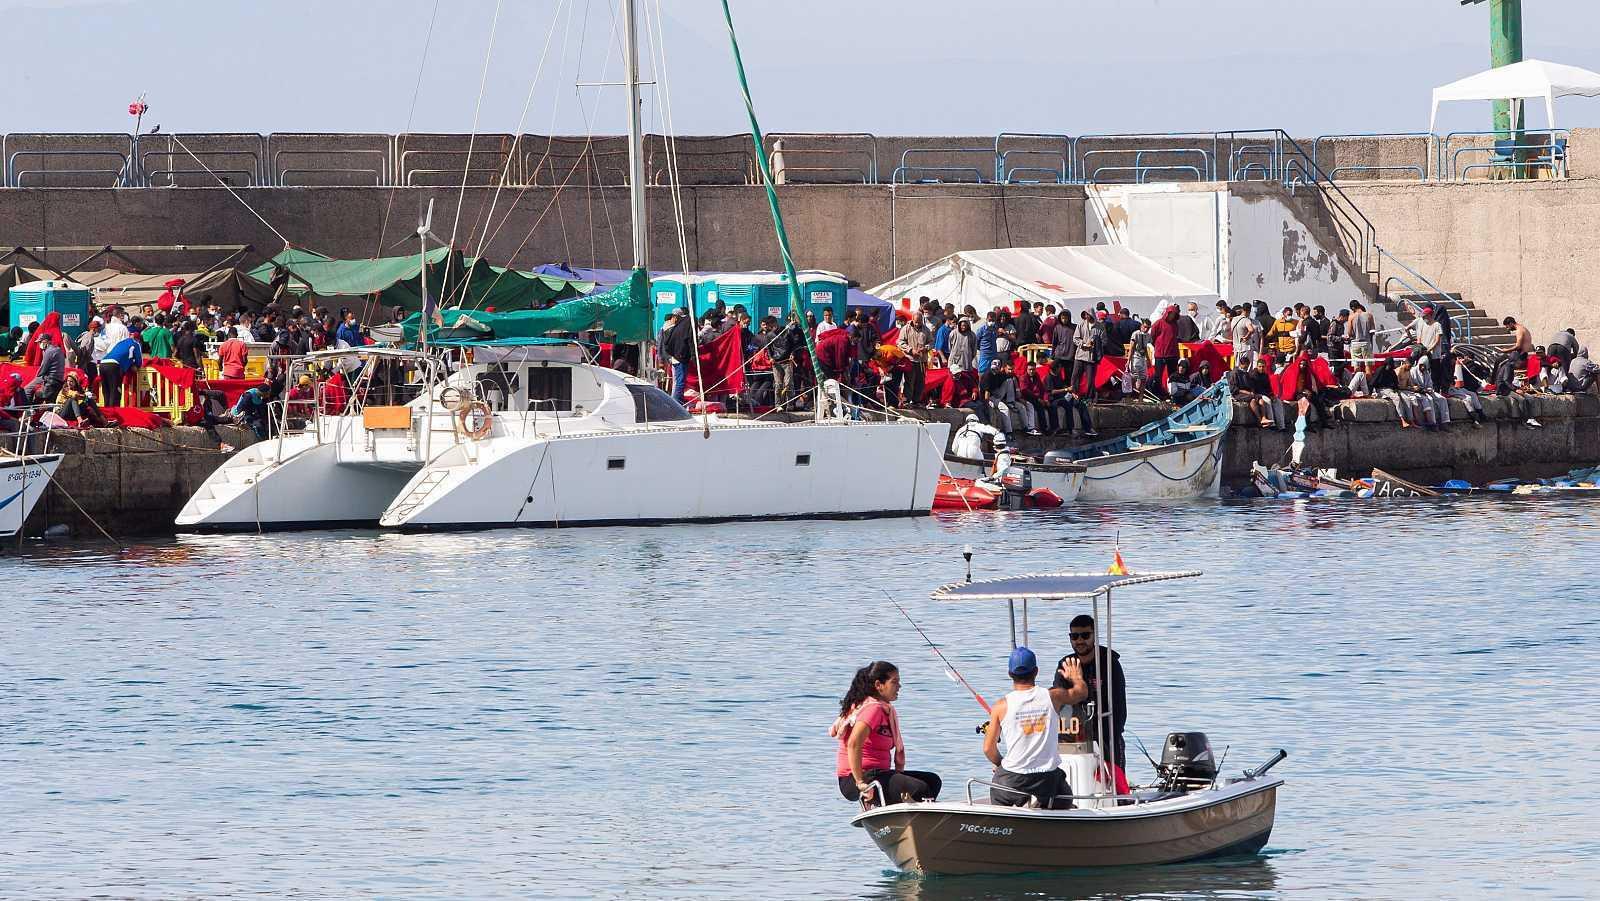 Vista del muelle grancanario de Arguineguín, que durante meses alojó a numerosos migrantes hasta ser desalojado la pasada semana.